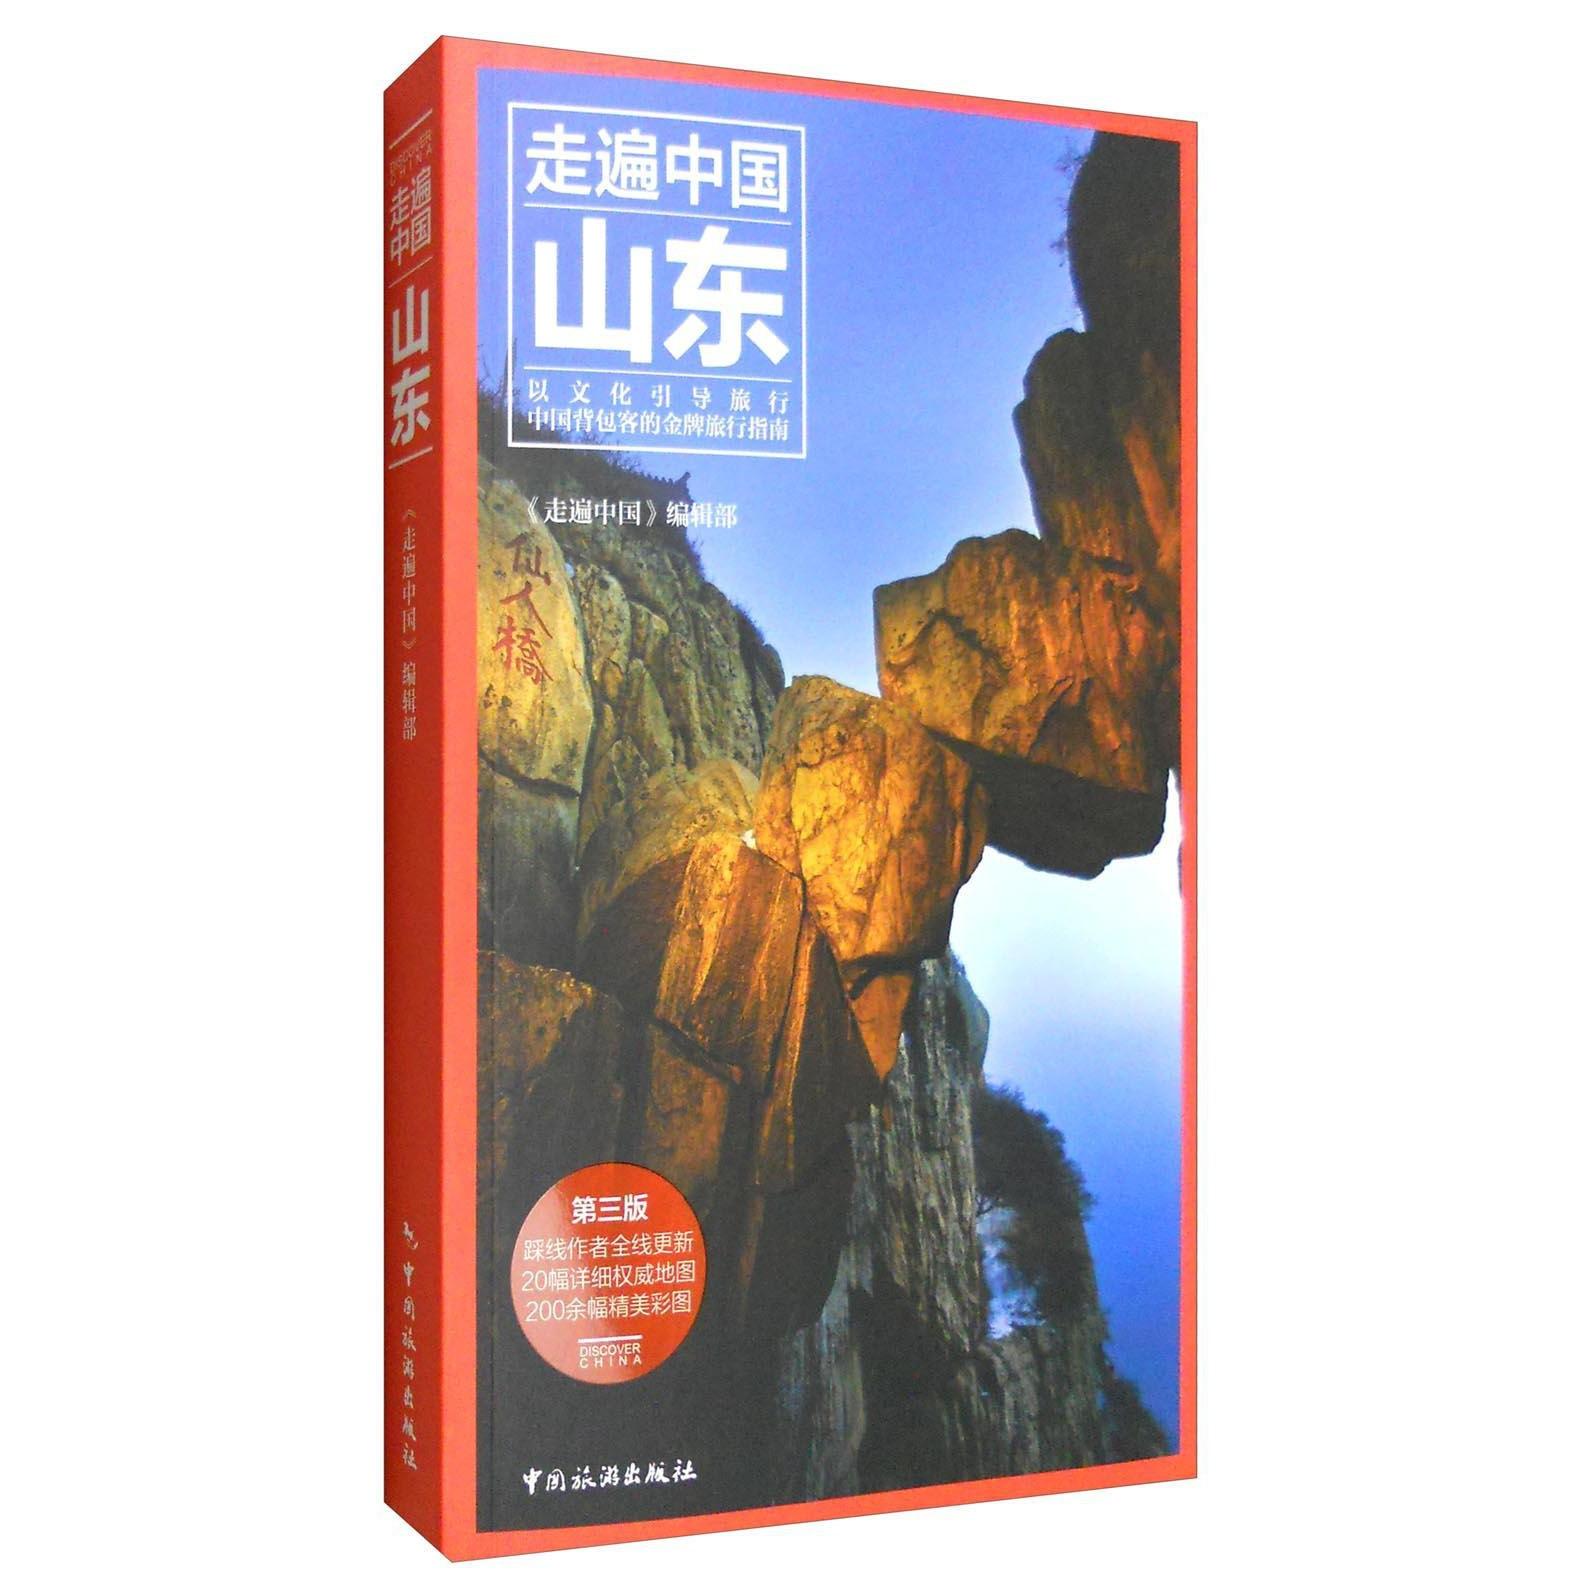 走遍中国:山东(第3版) 怎么样 - 亚米网